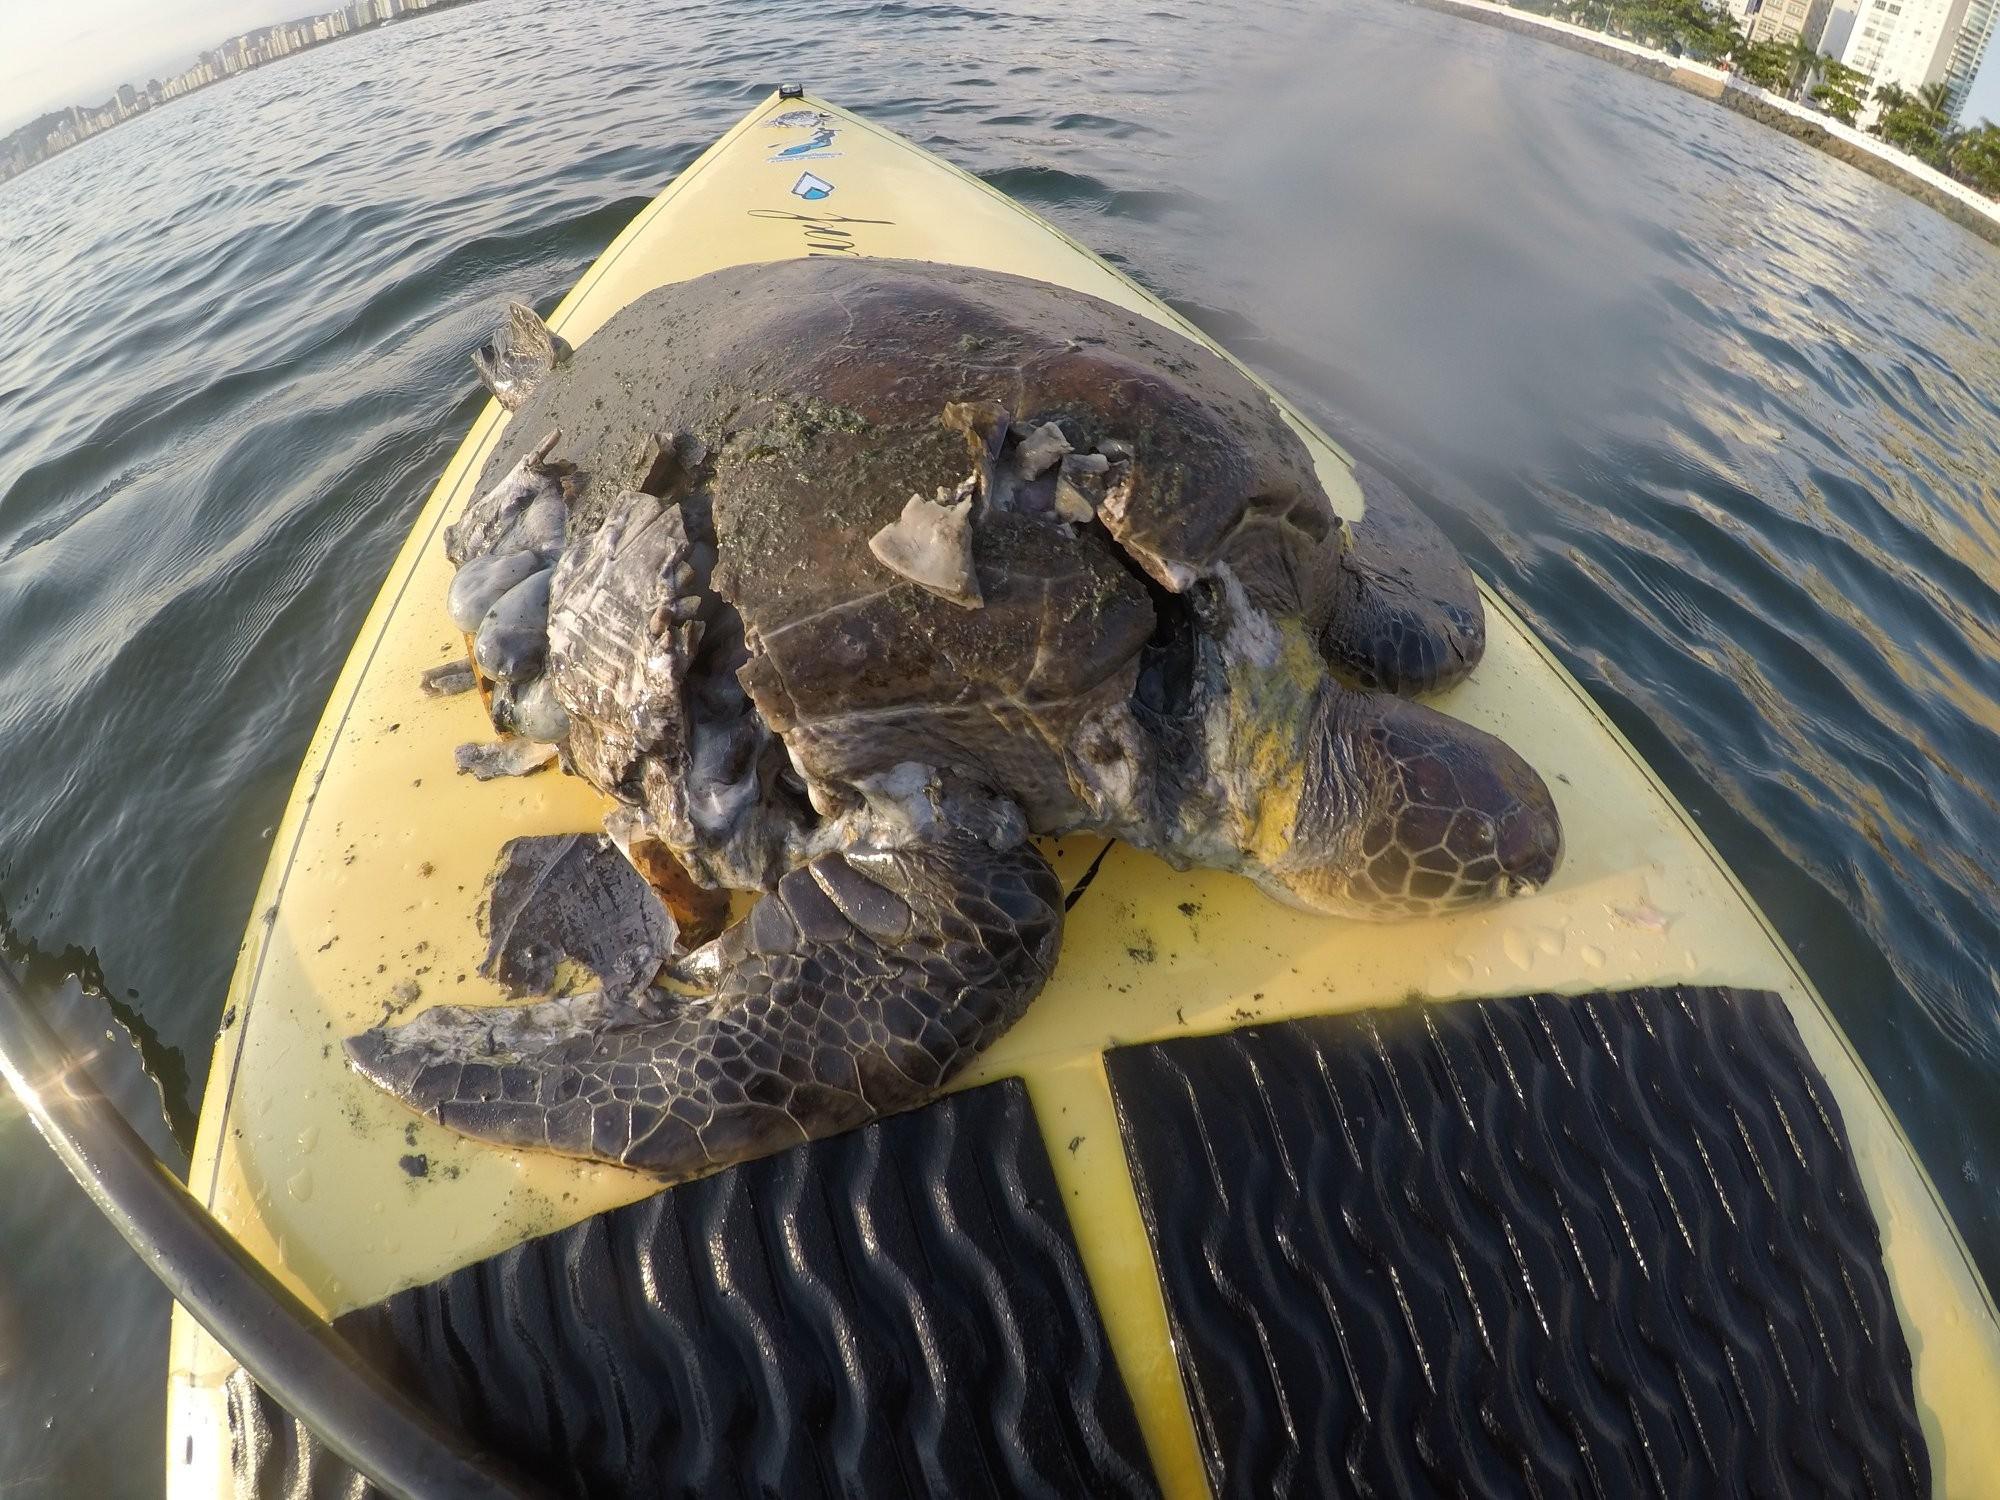 Tartaruga morre após ter casco destruído por moto aquática em SP